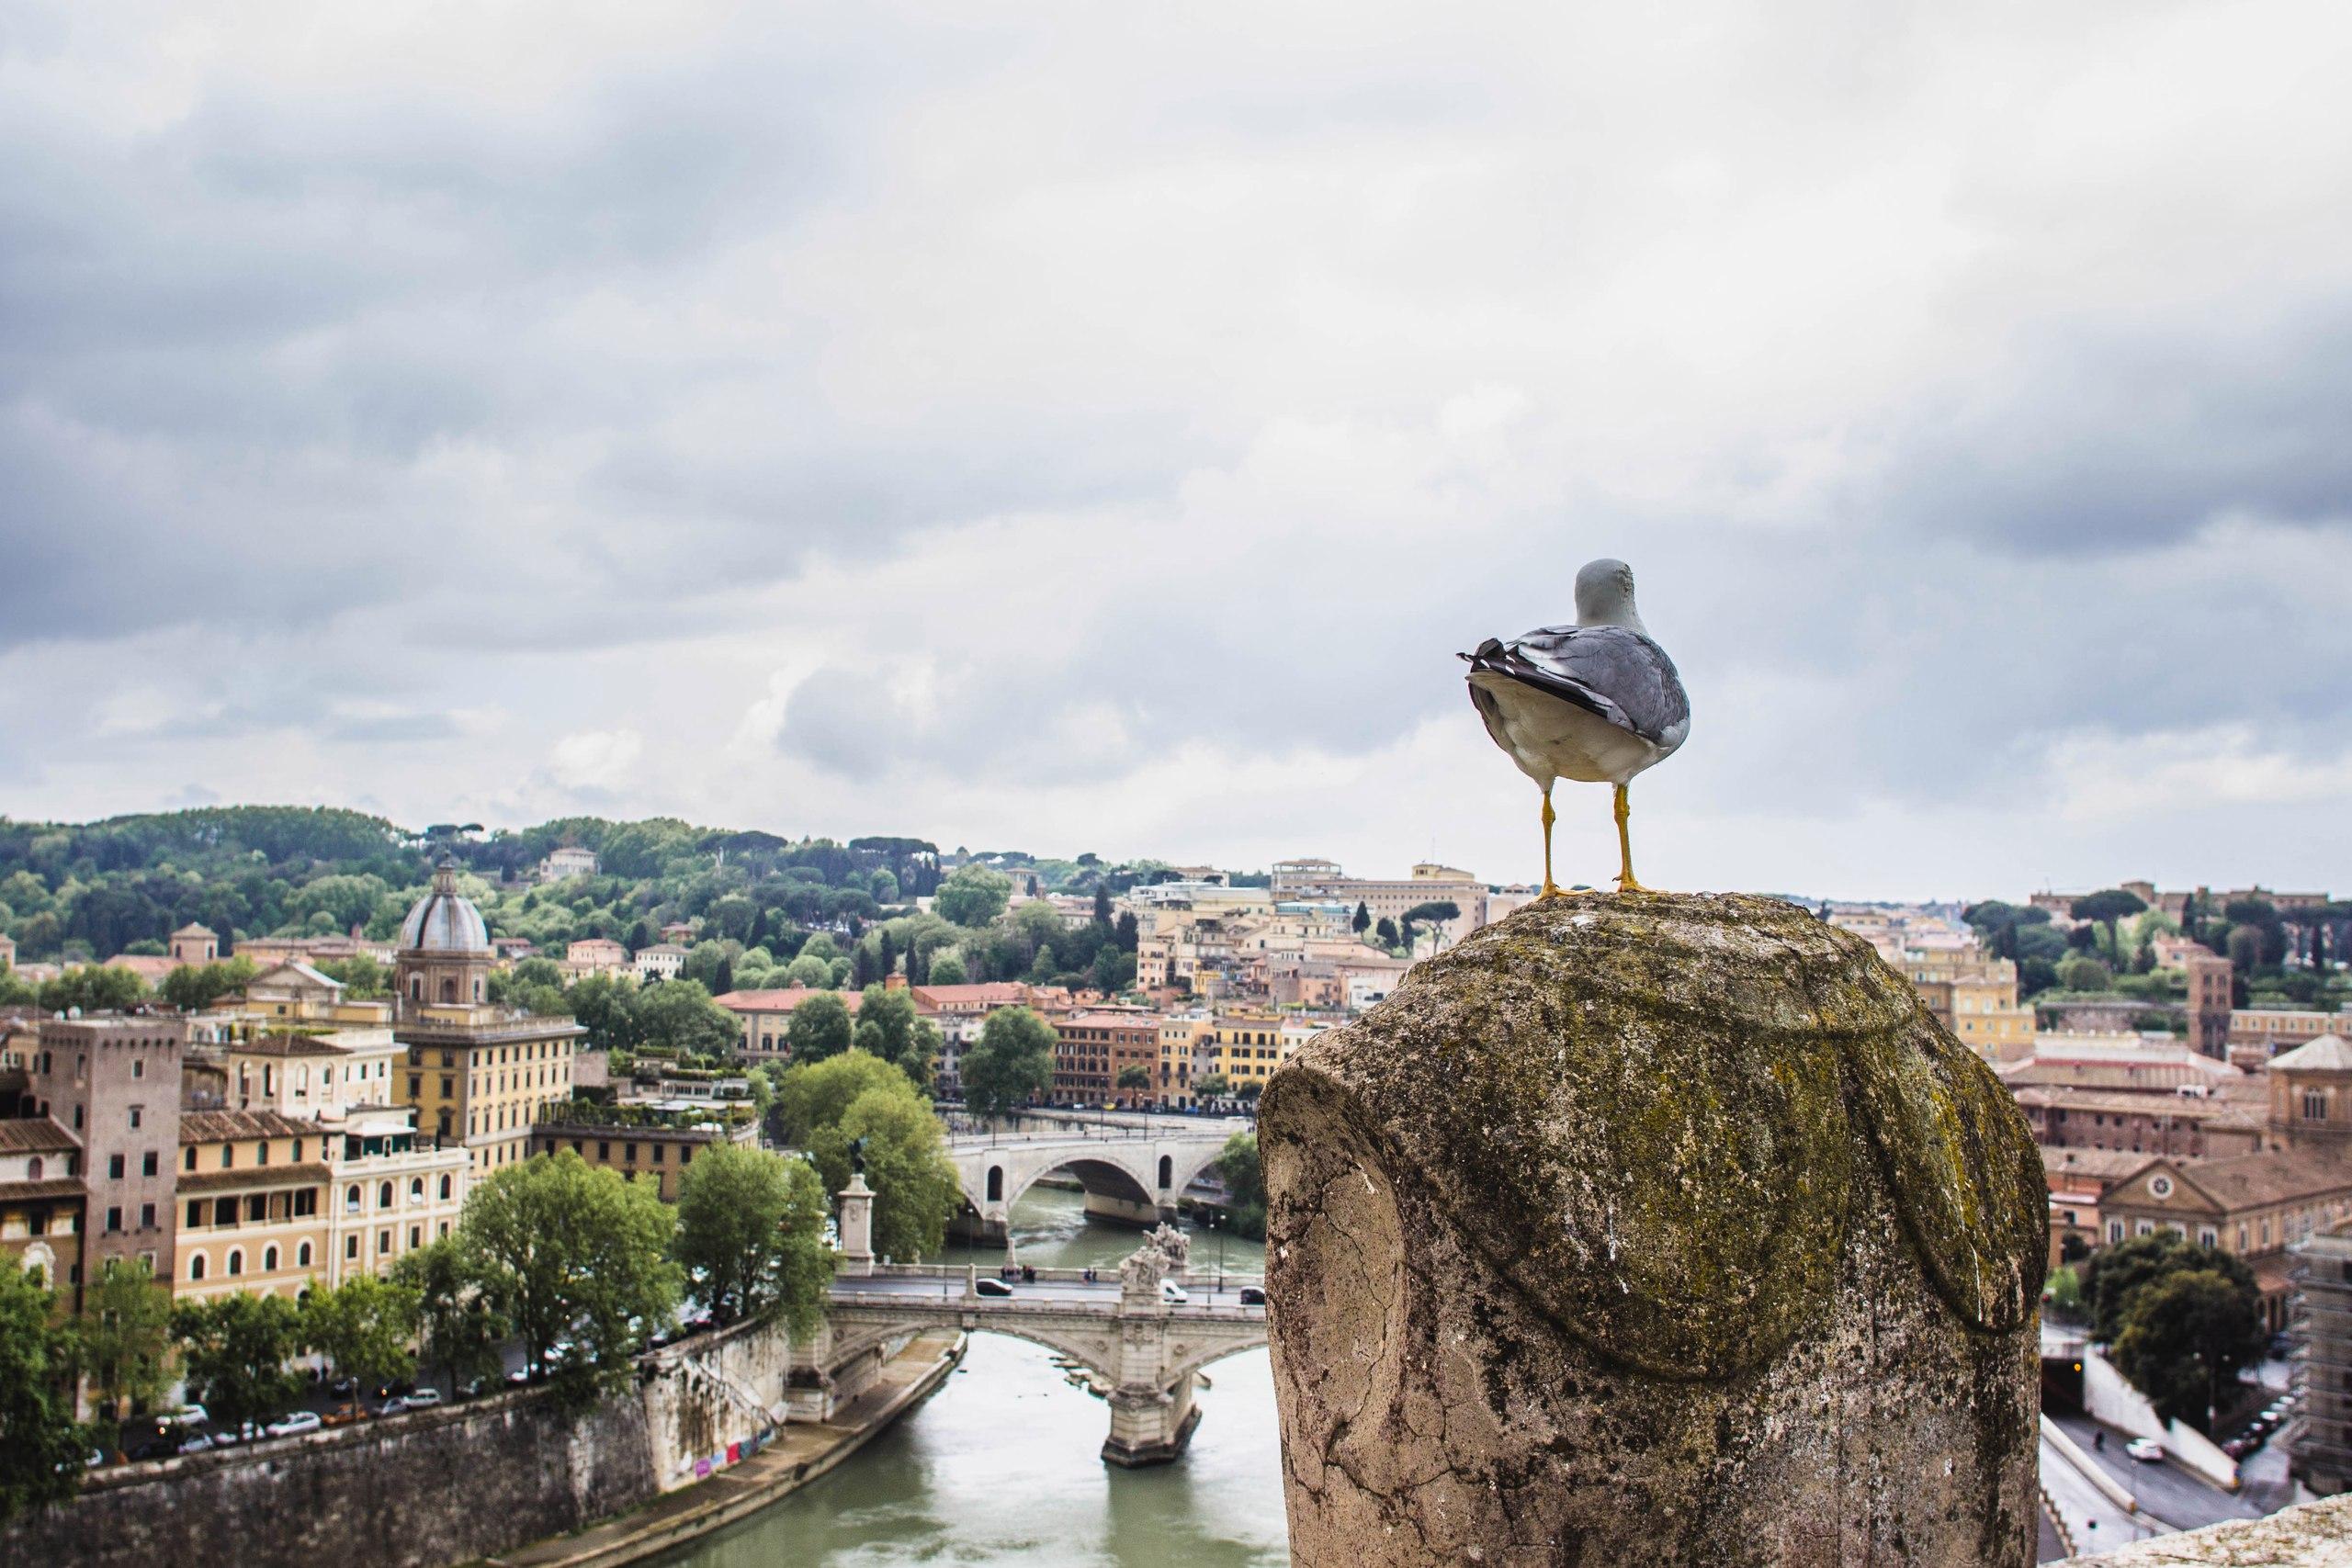 вид со стены замка Ангела, Рим, апрель 2017